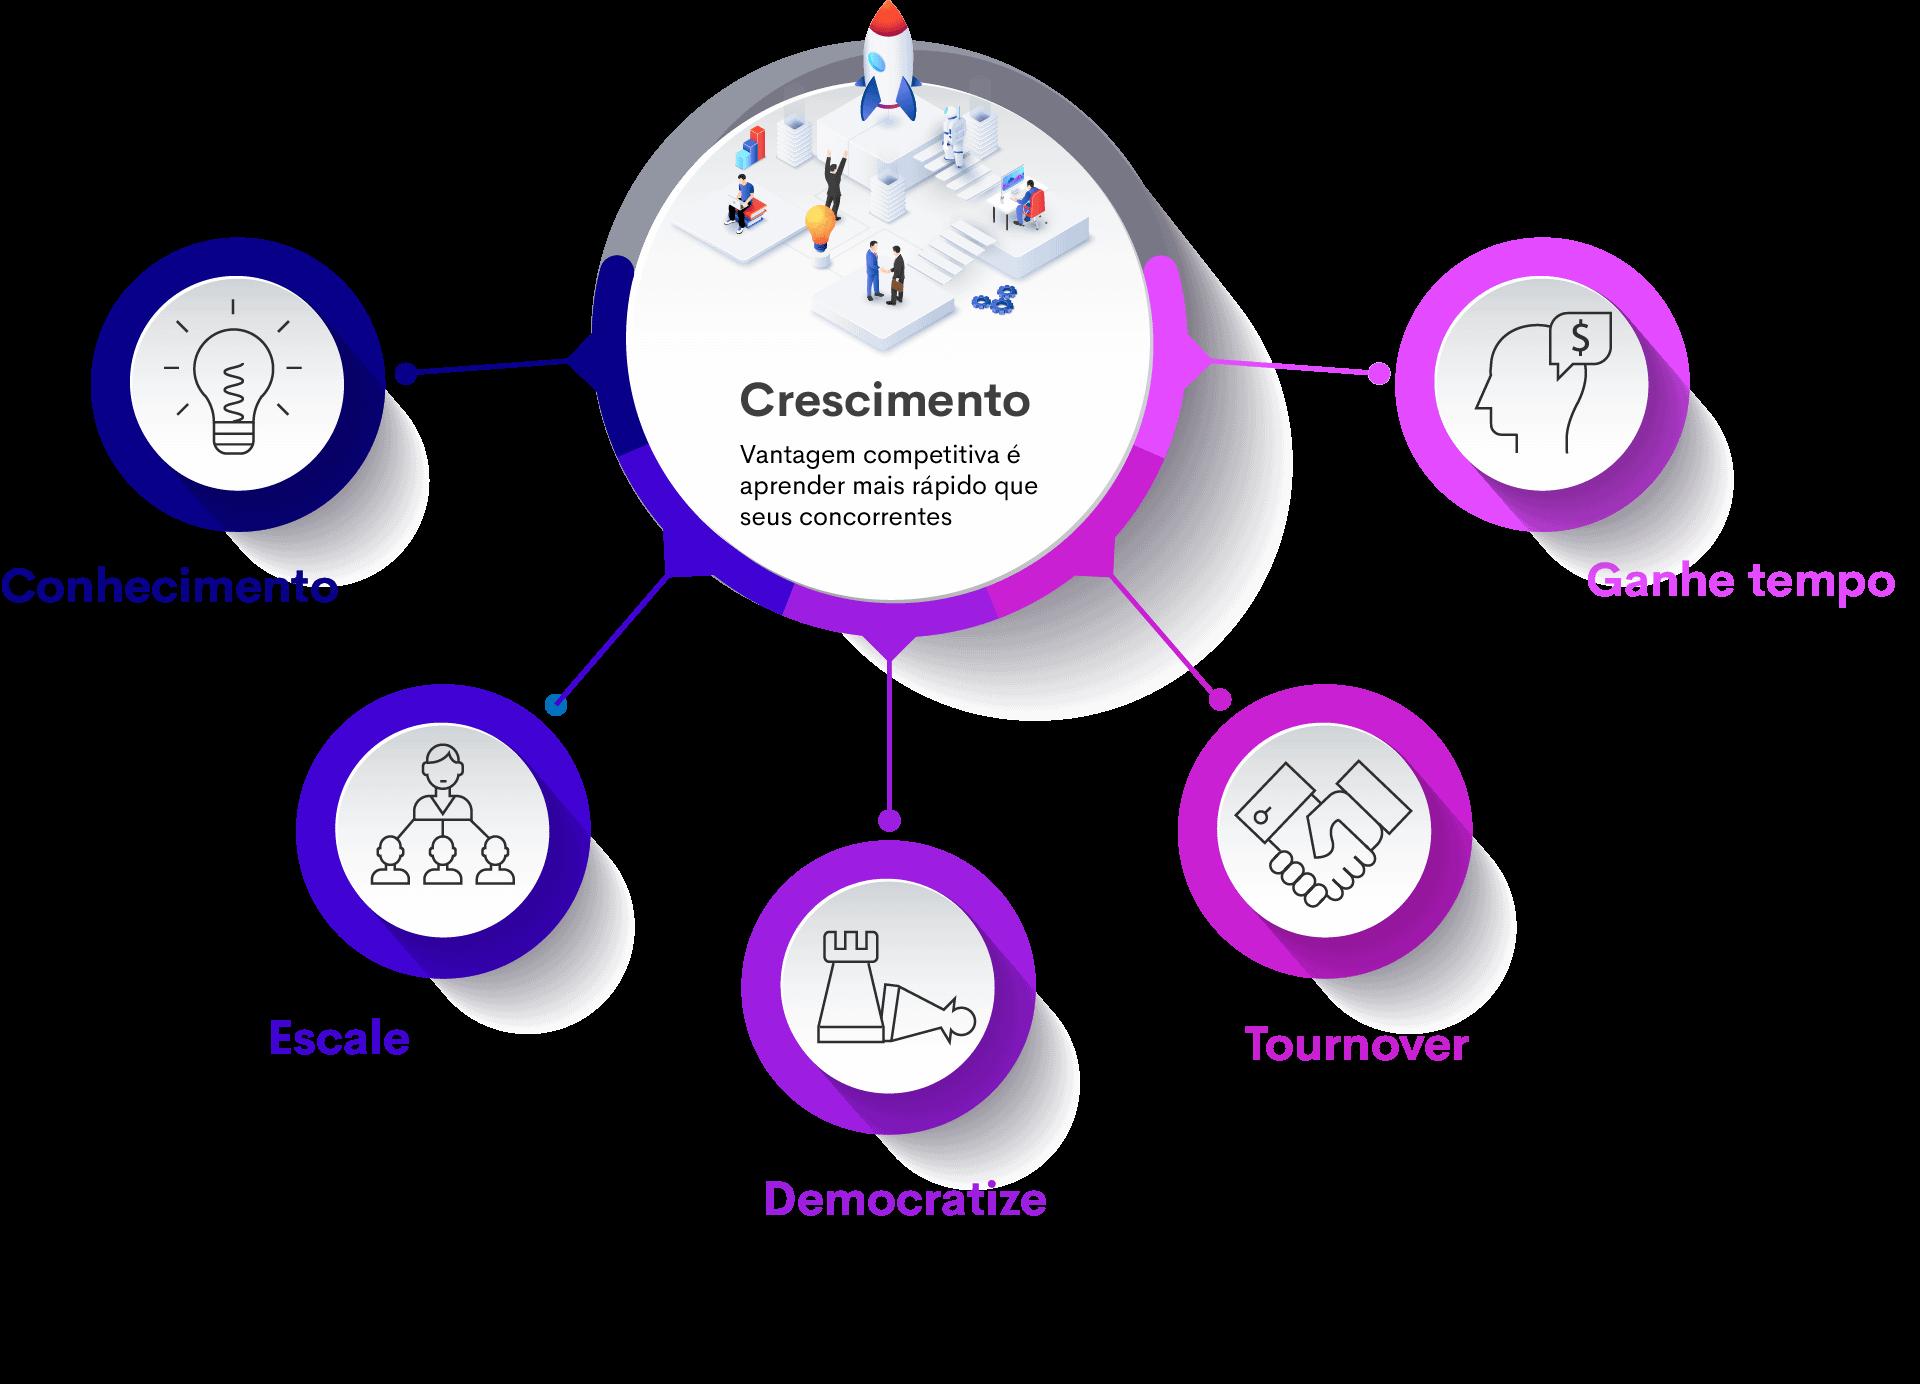 Como funciona a SimInteligência - Trace suas estátégias e crie conteúdos e a Alice te ajuda gerando relevância para o conhecimento